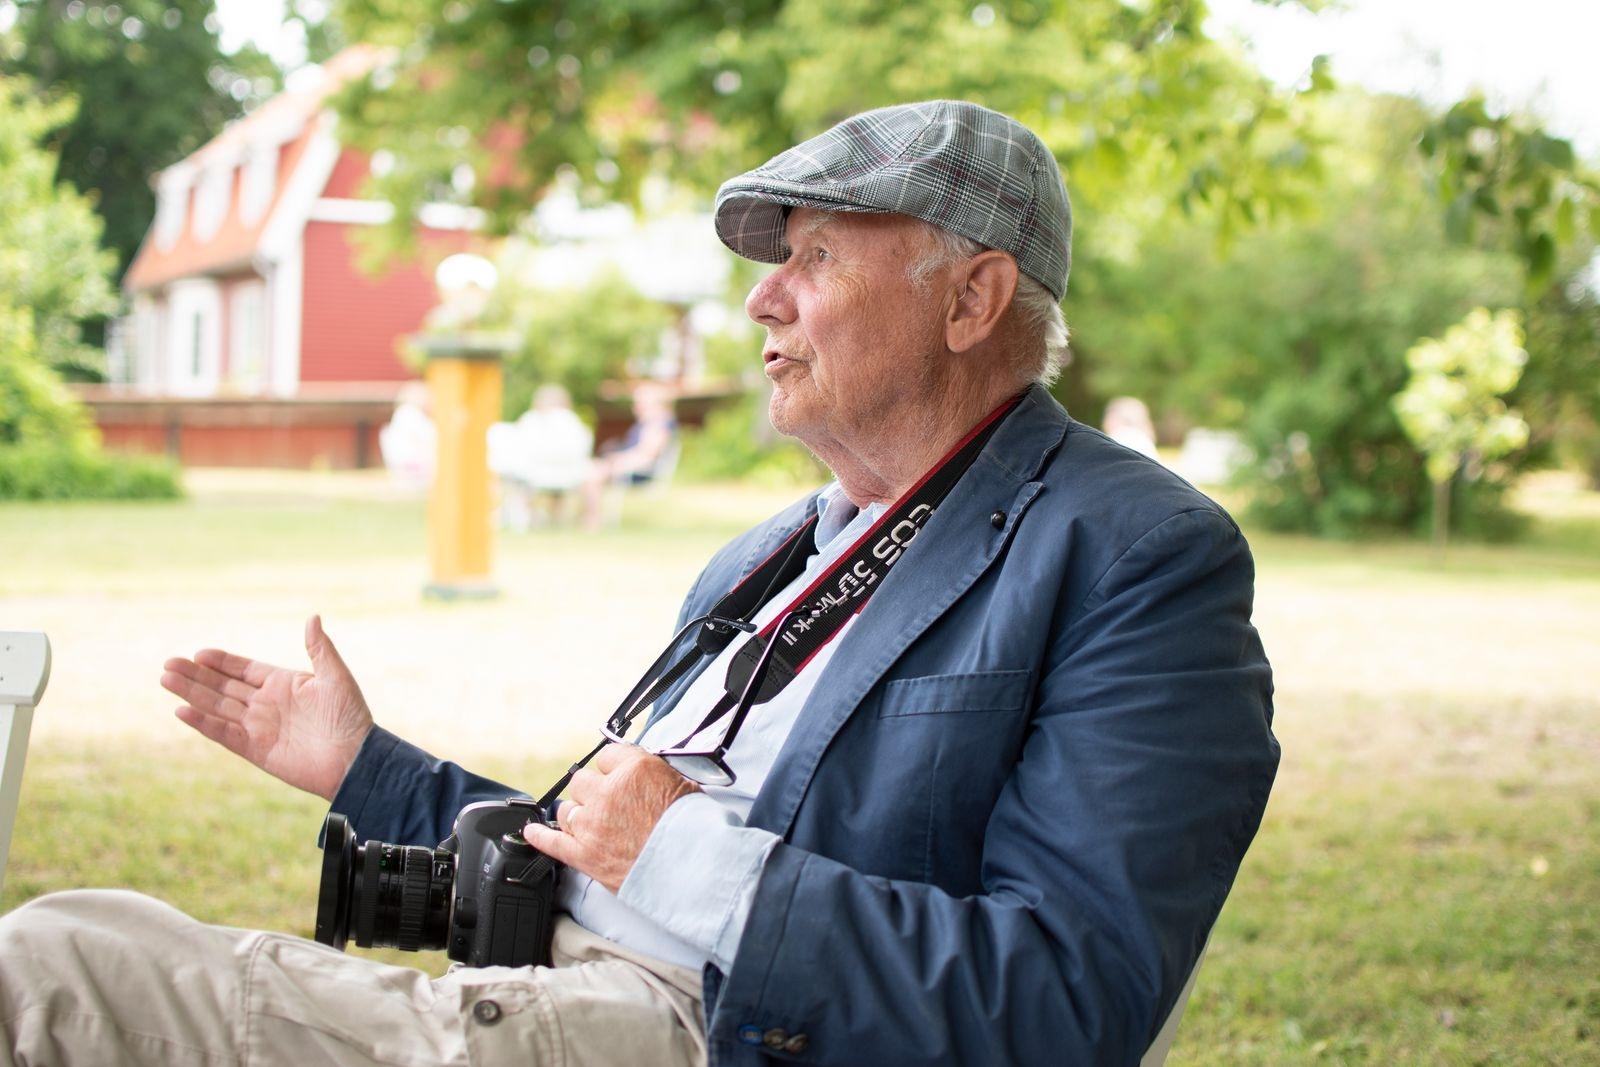 Göran Erlandsson är en av klubbens veteraner och har varit medlem sedan 50-talet då han även arbetade på Skotte Foto. Hans bästa tips till andra fotografer är att bli vän med sin kamera.